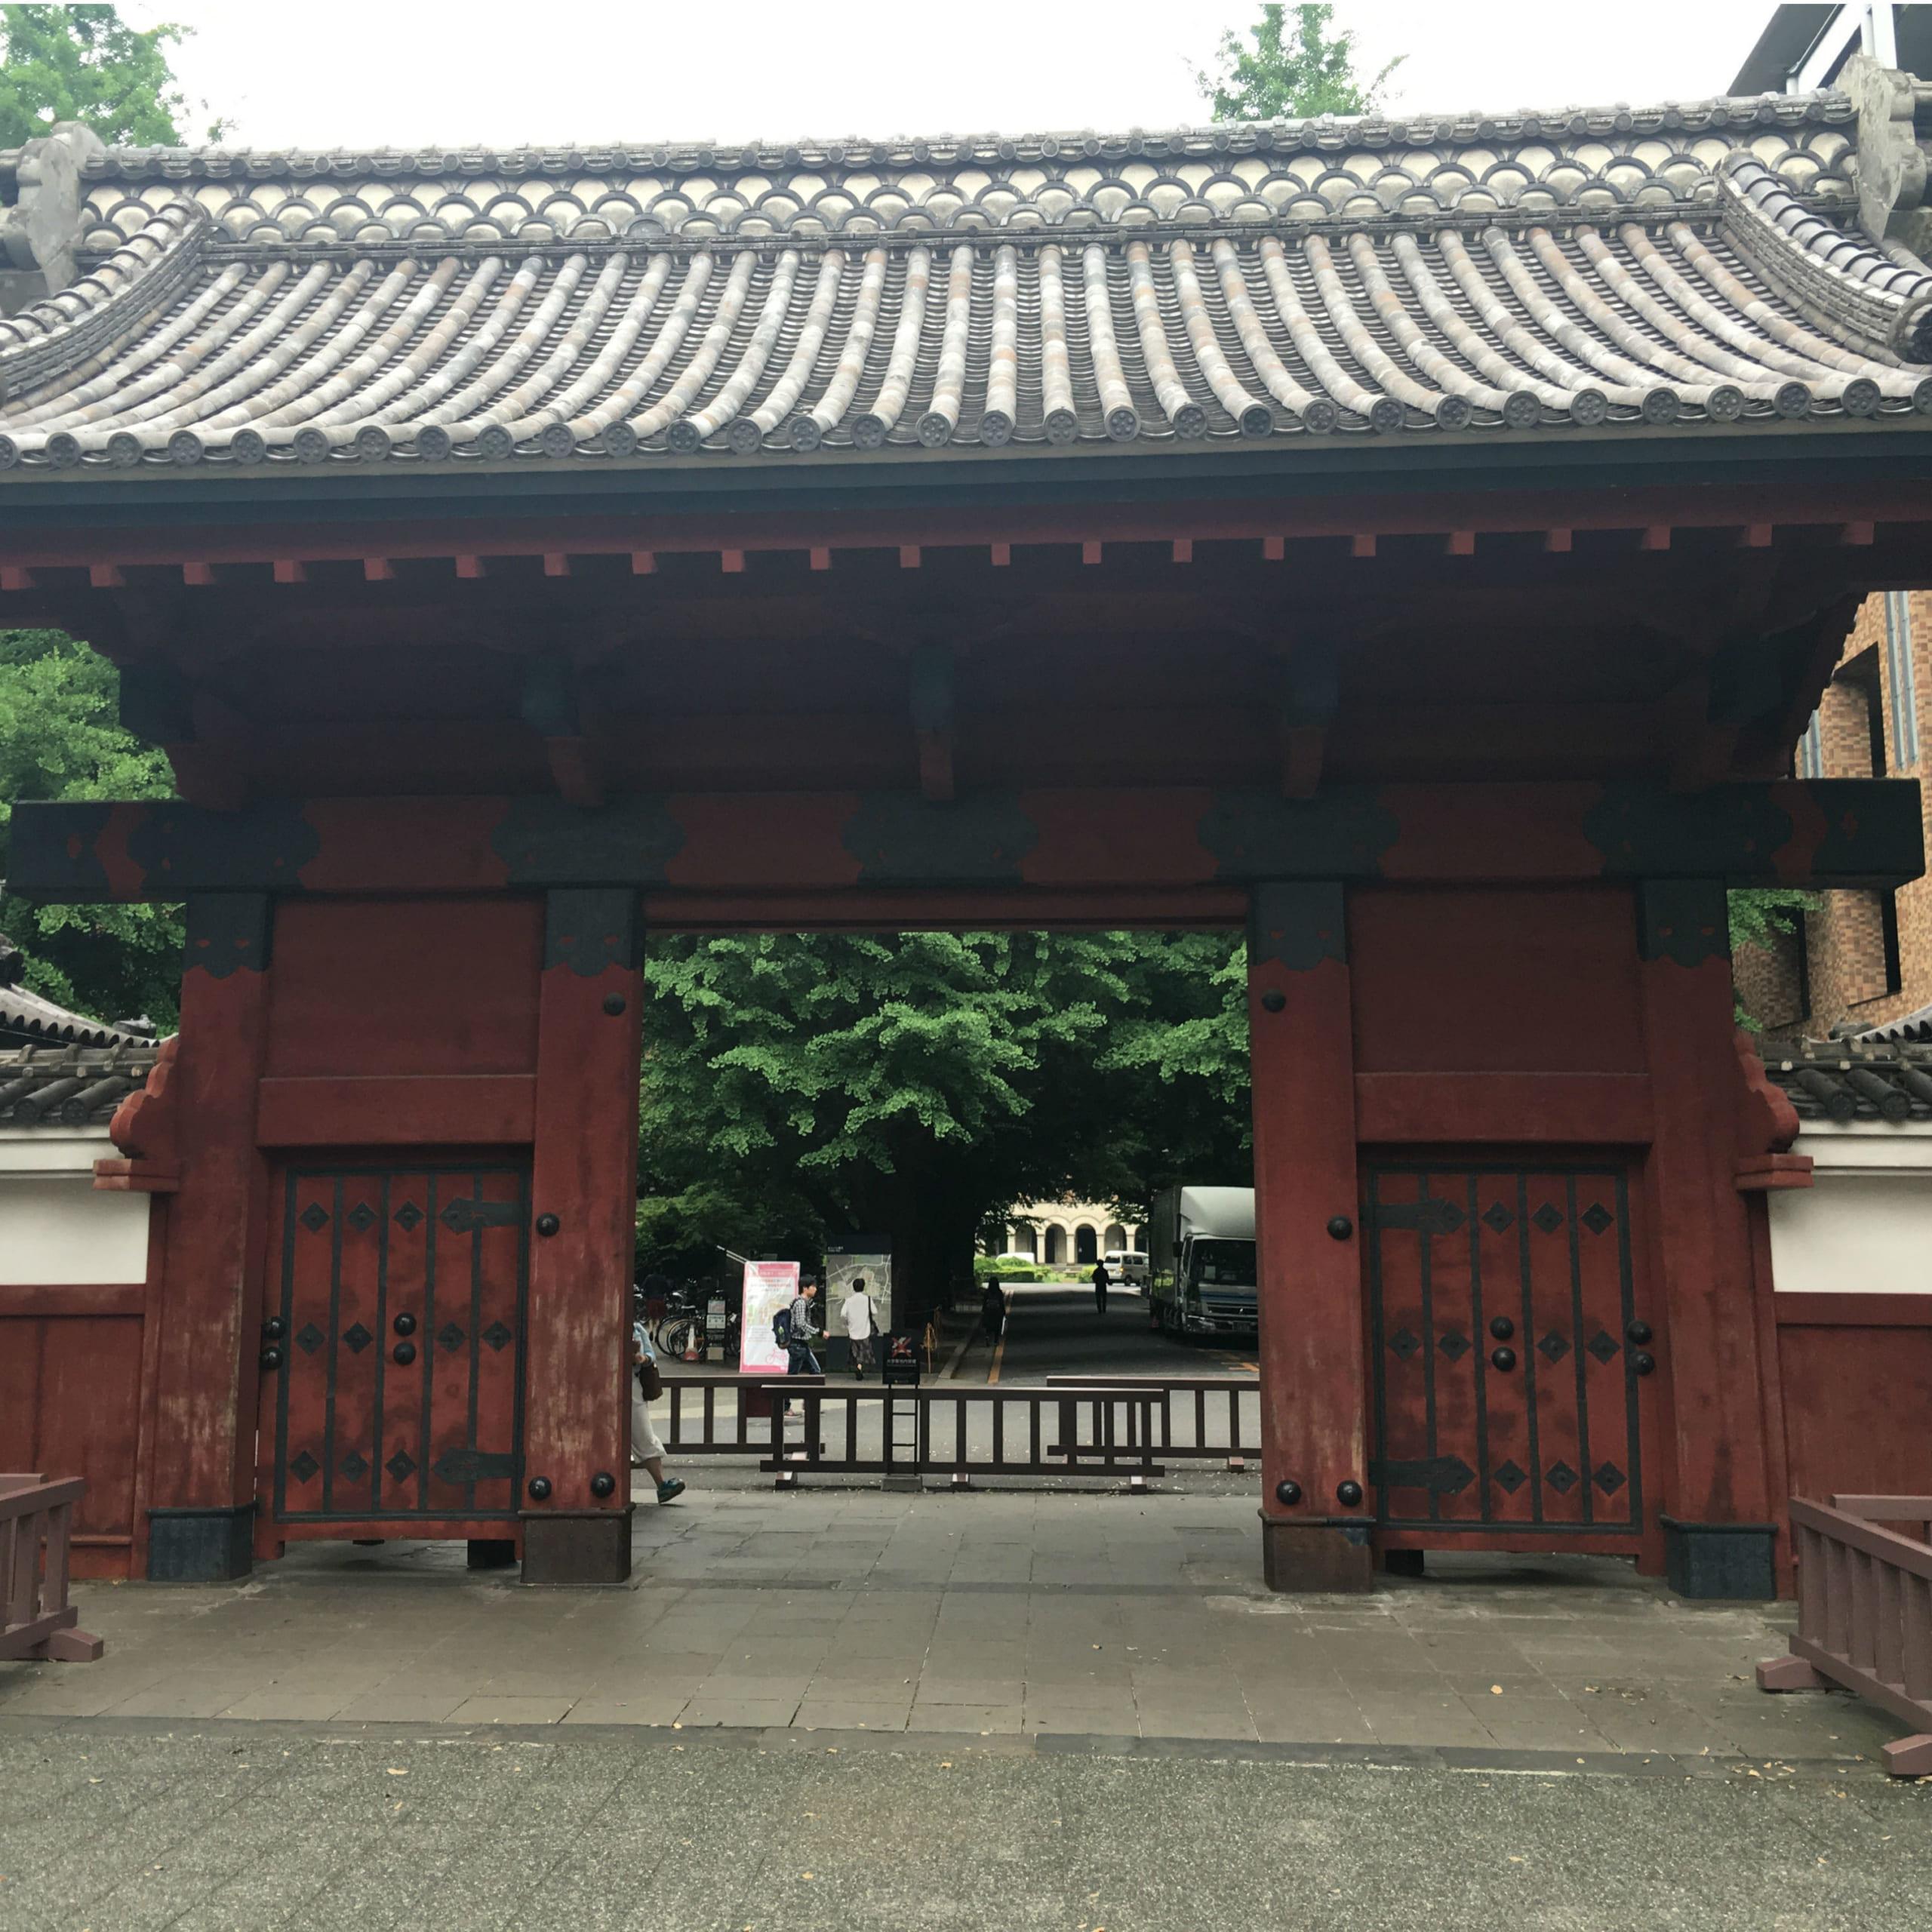 かつては花嫁行列が通った、東大赤門の歴史